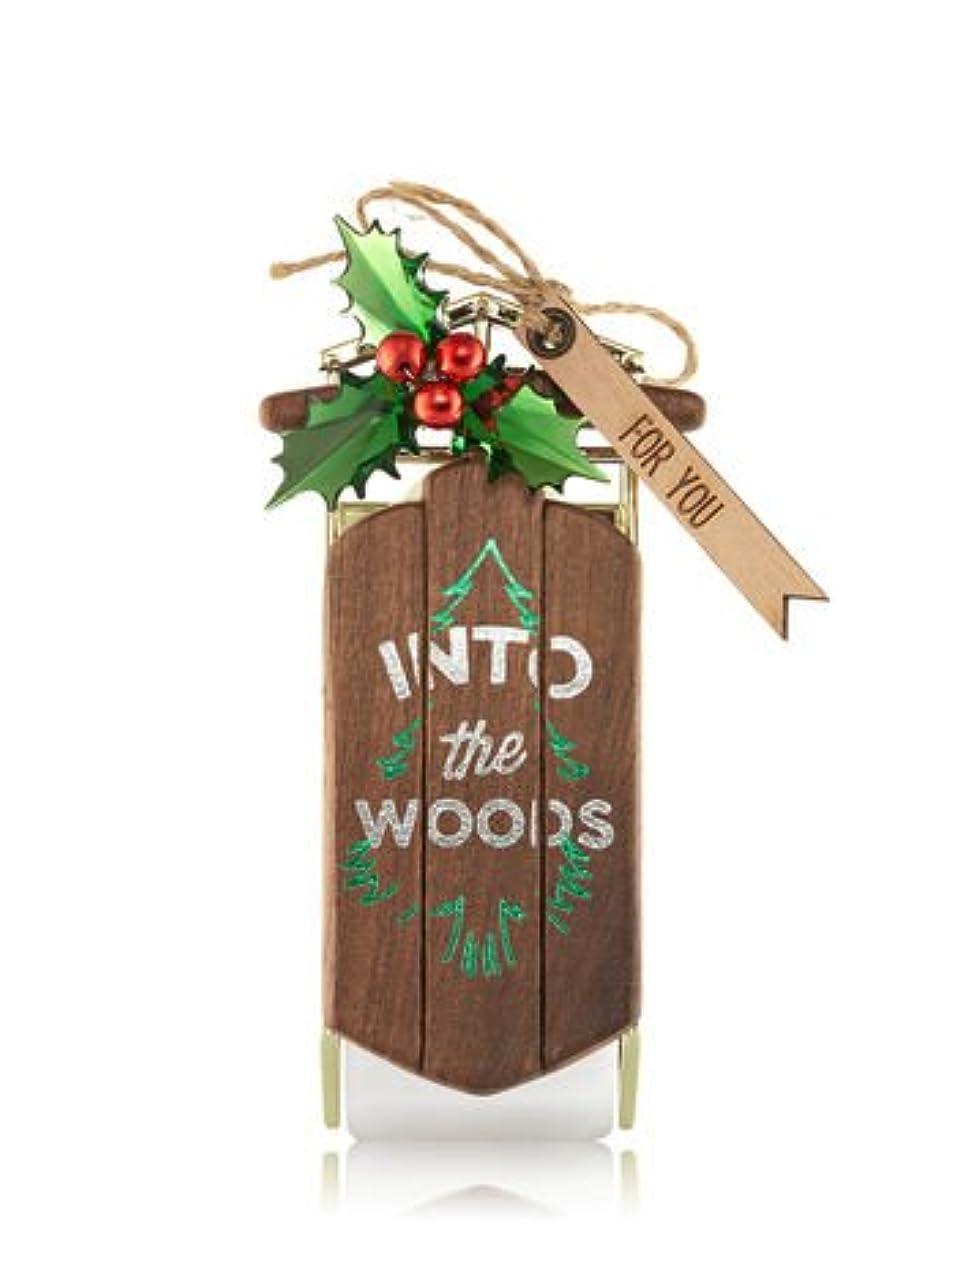 グレートオーク告白かんがい【Bath&Body Works/バス&ボディワークス】 ルームフレグランス プラグインスターター (本体のみ) イントゥーザウッズ Wallflowers Fragrance Plug Into The Woods [...